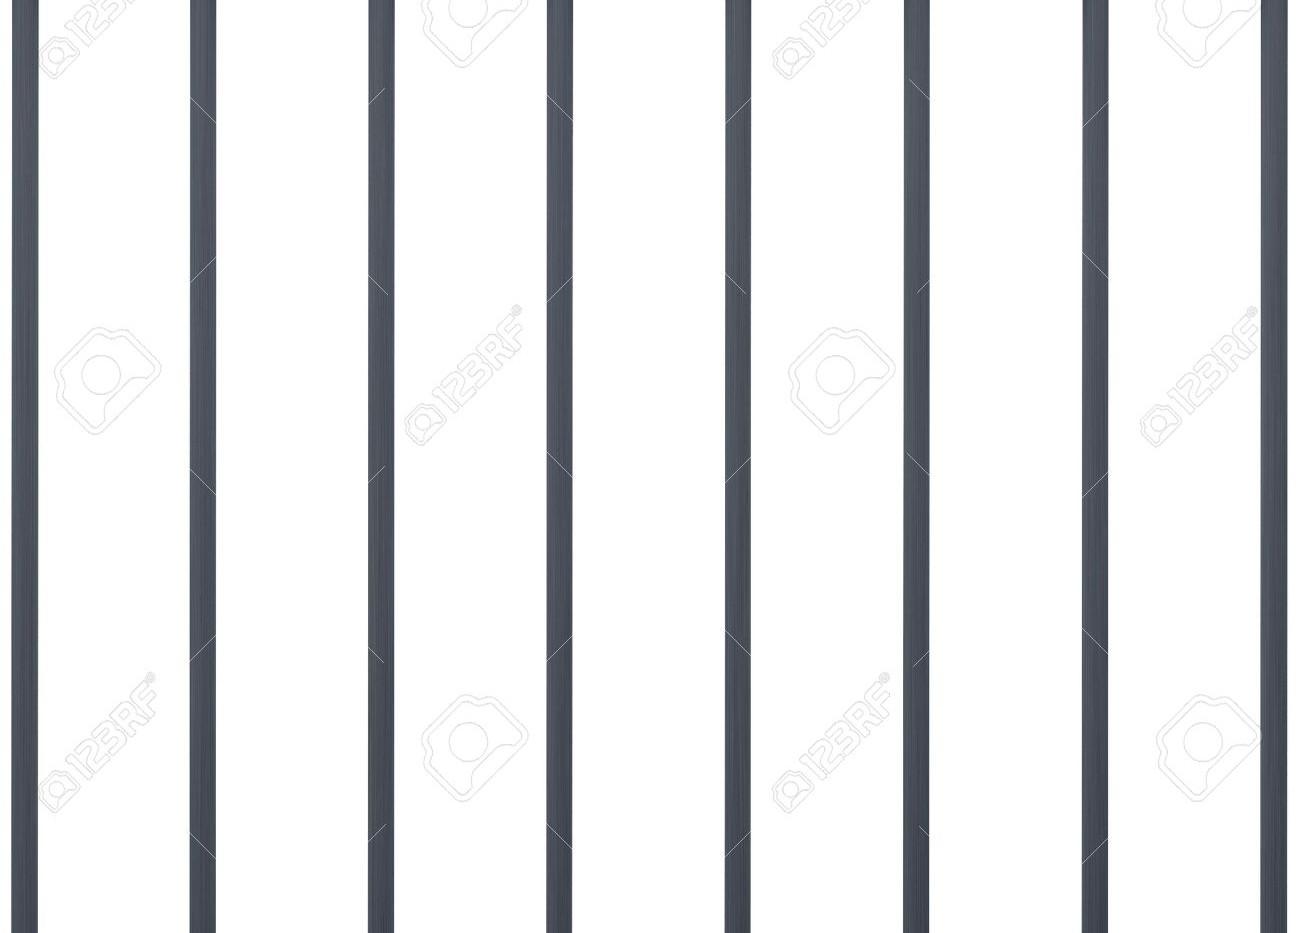 6015694-jail-bars-isolated-in-white.jpg